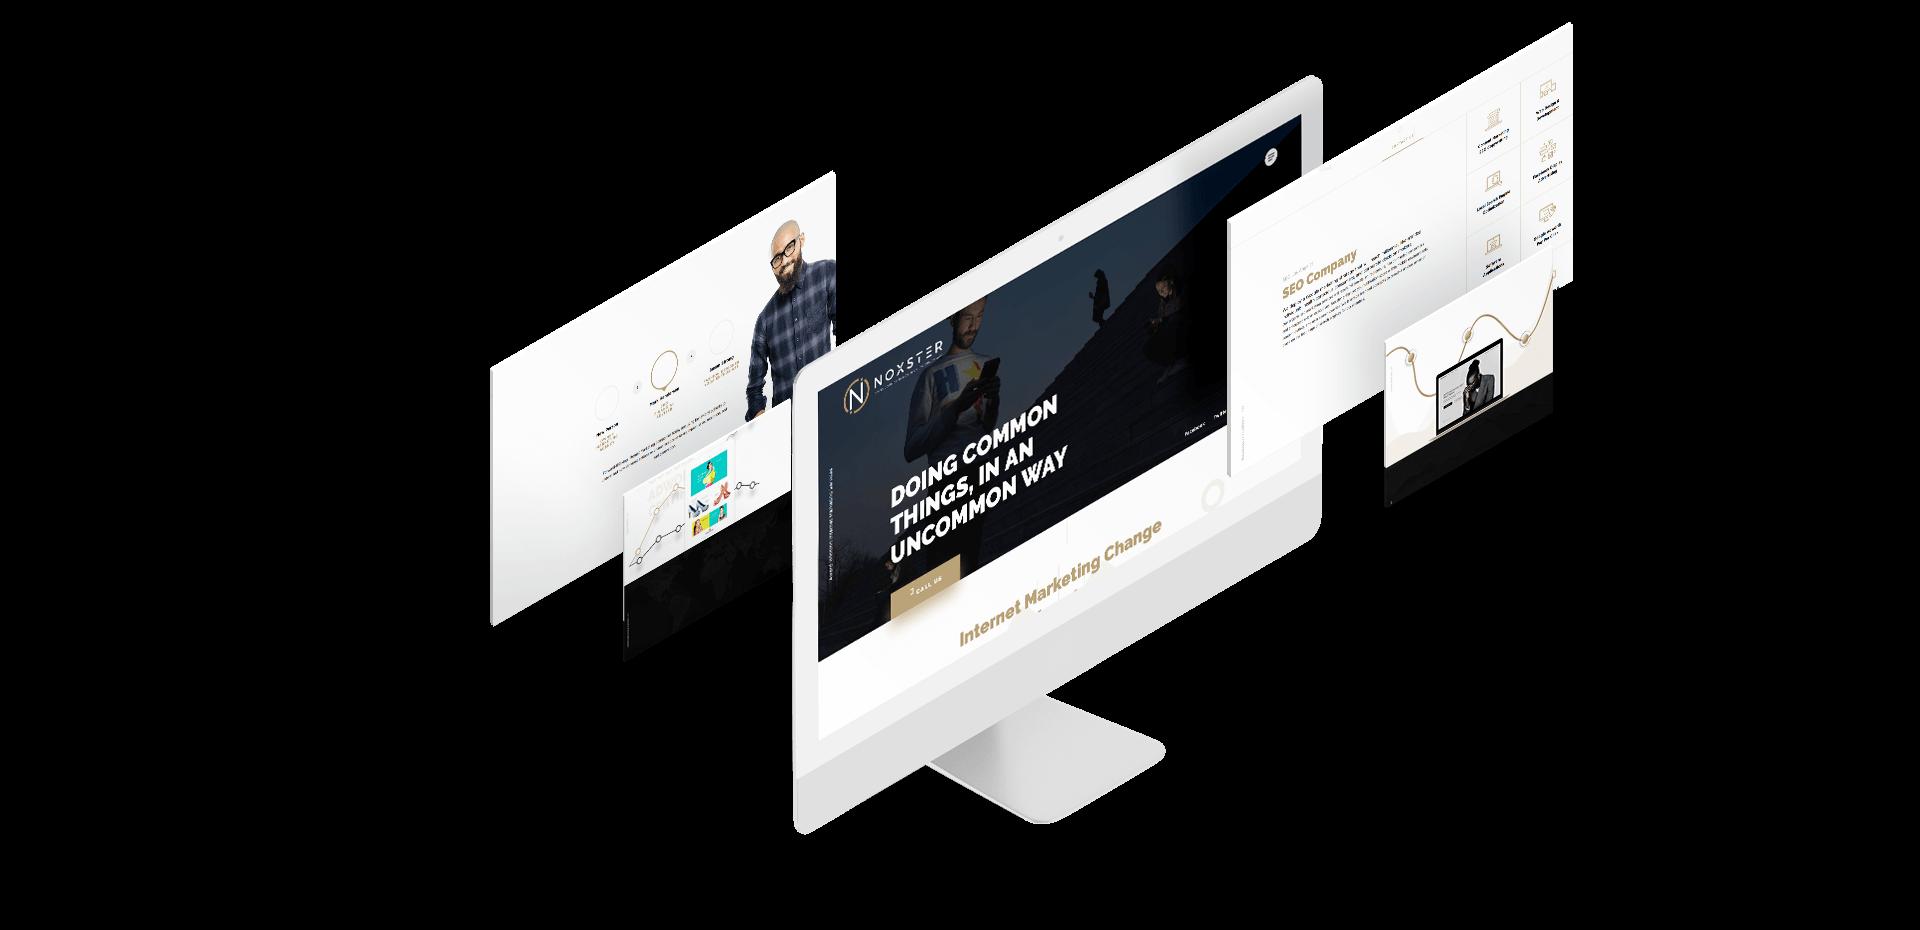 web design services in USA